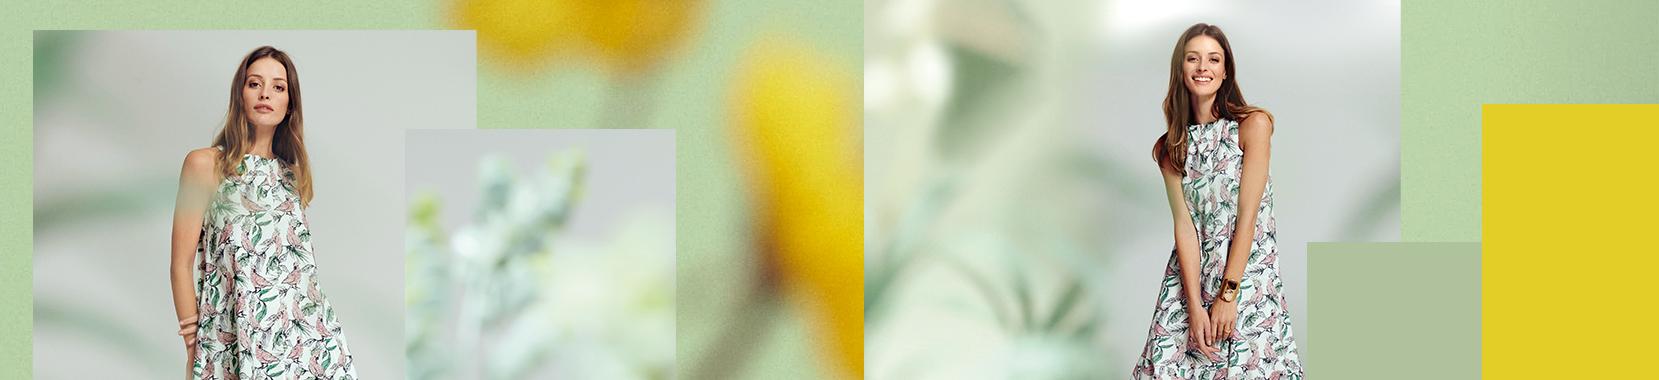 1659x380_Banner-Damen-Contemporary